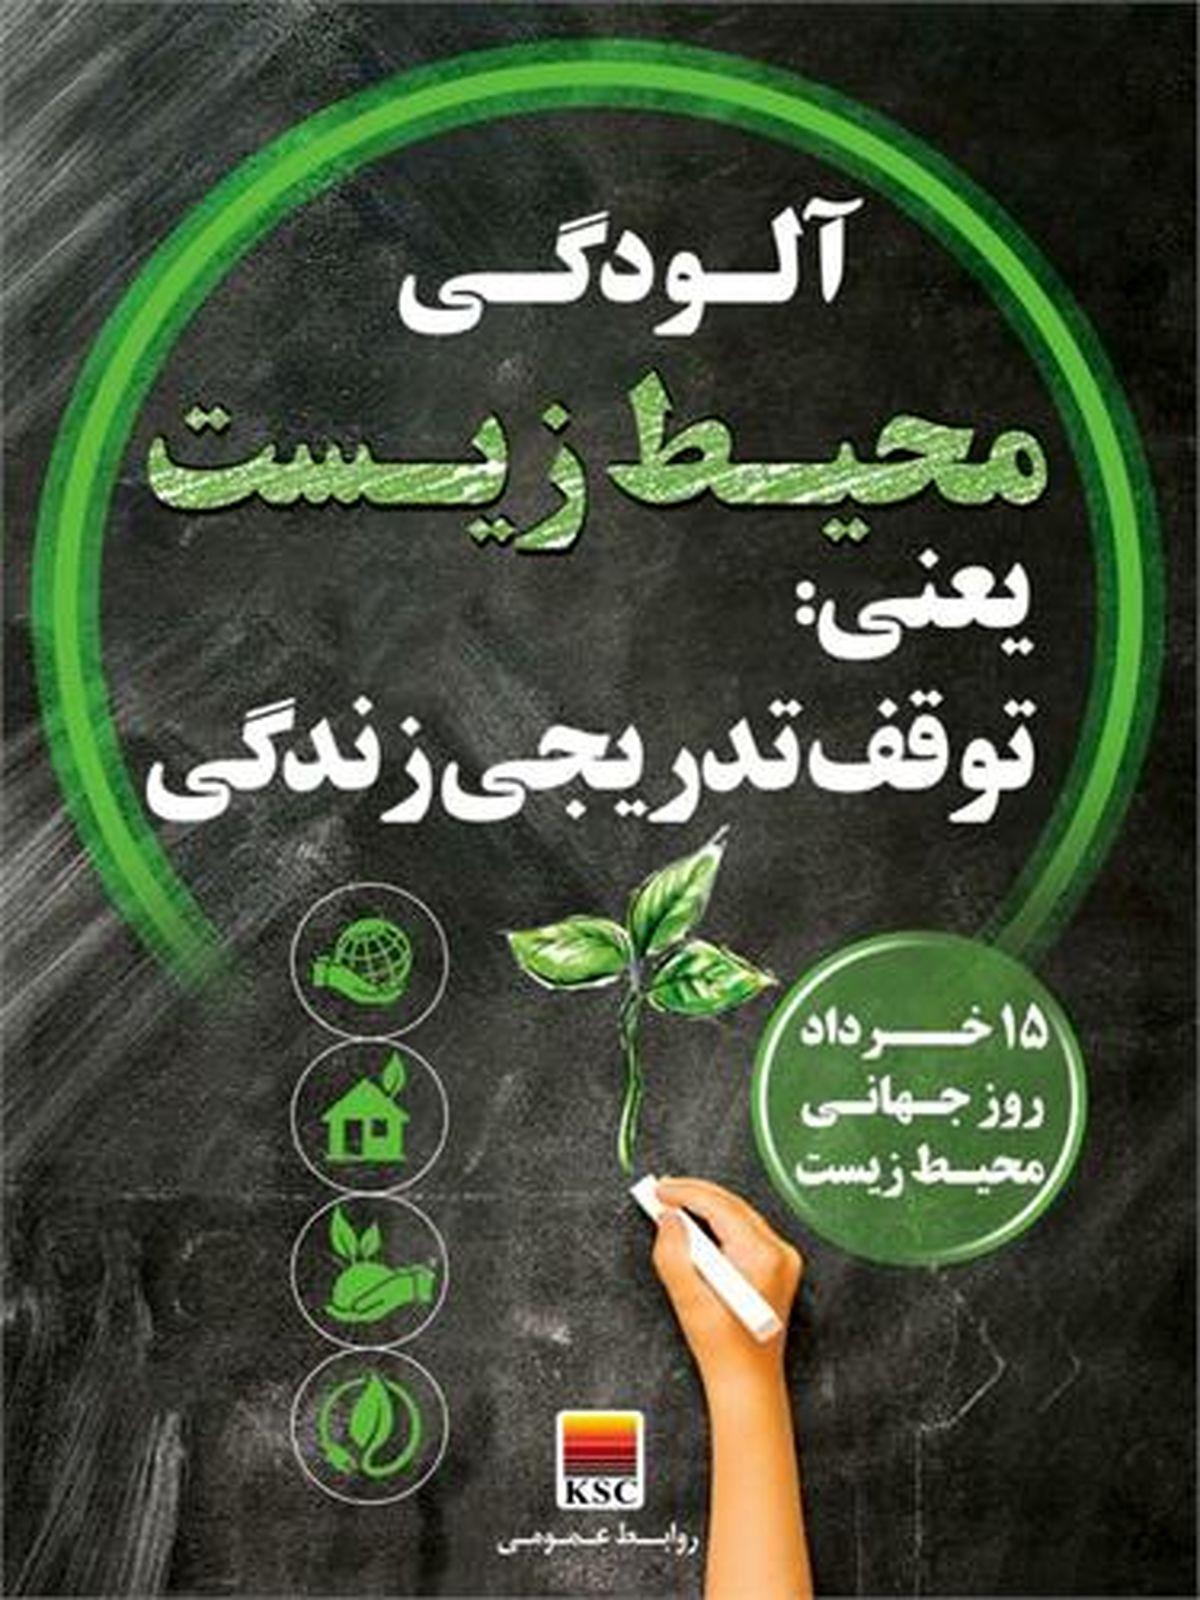 شرکت فولاد خوزستان دوست دار محیط زیست